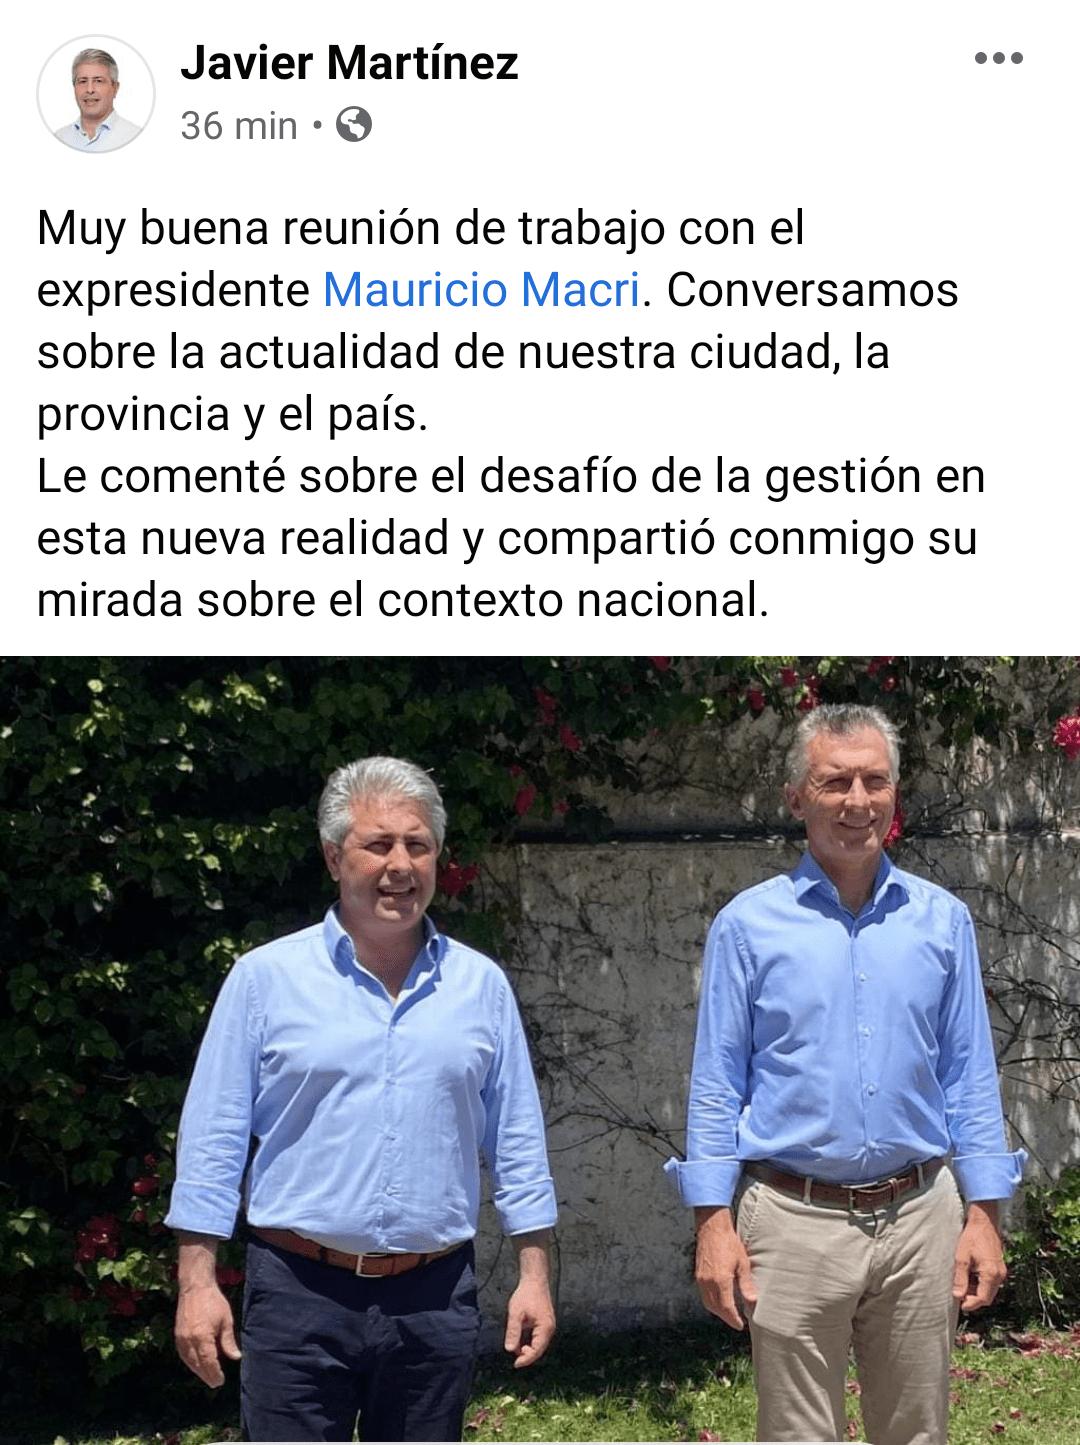 El Intendente Javier Martínez se reunió con el expresidente Mauricio Macri 1